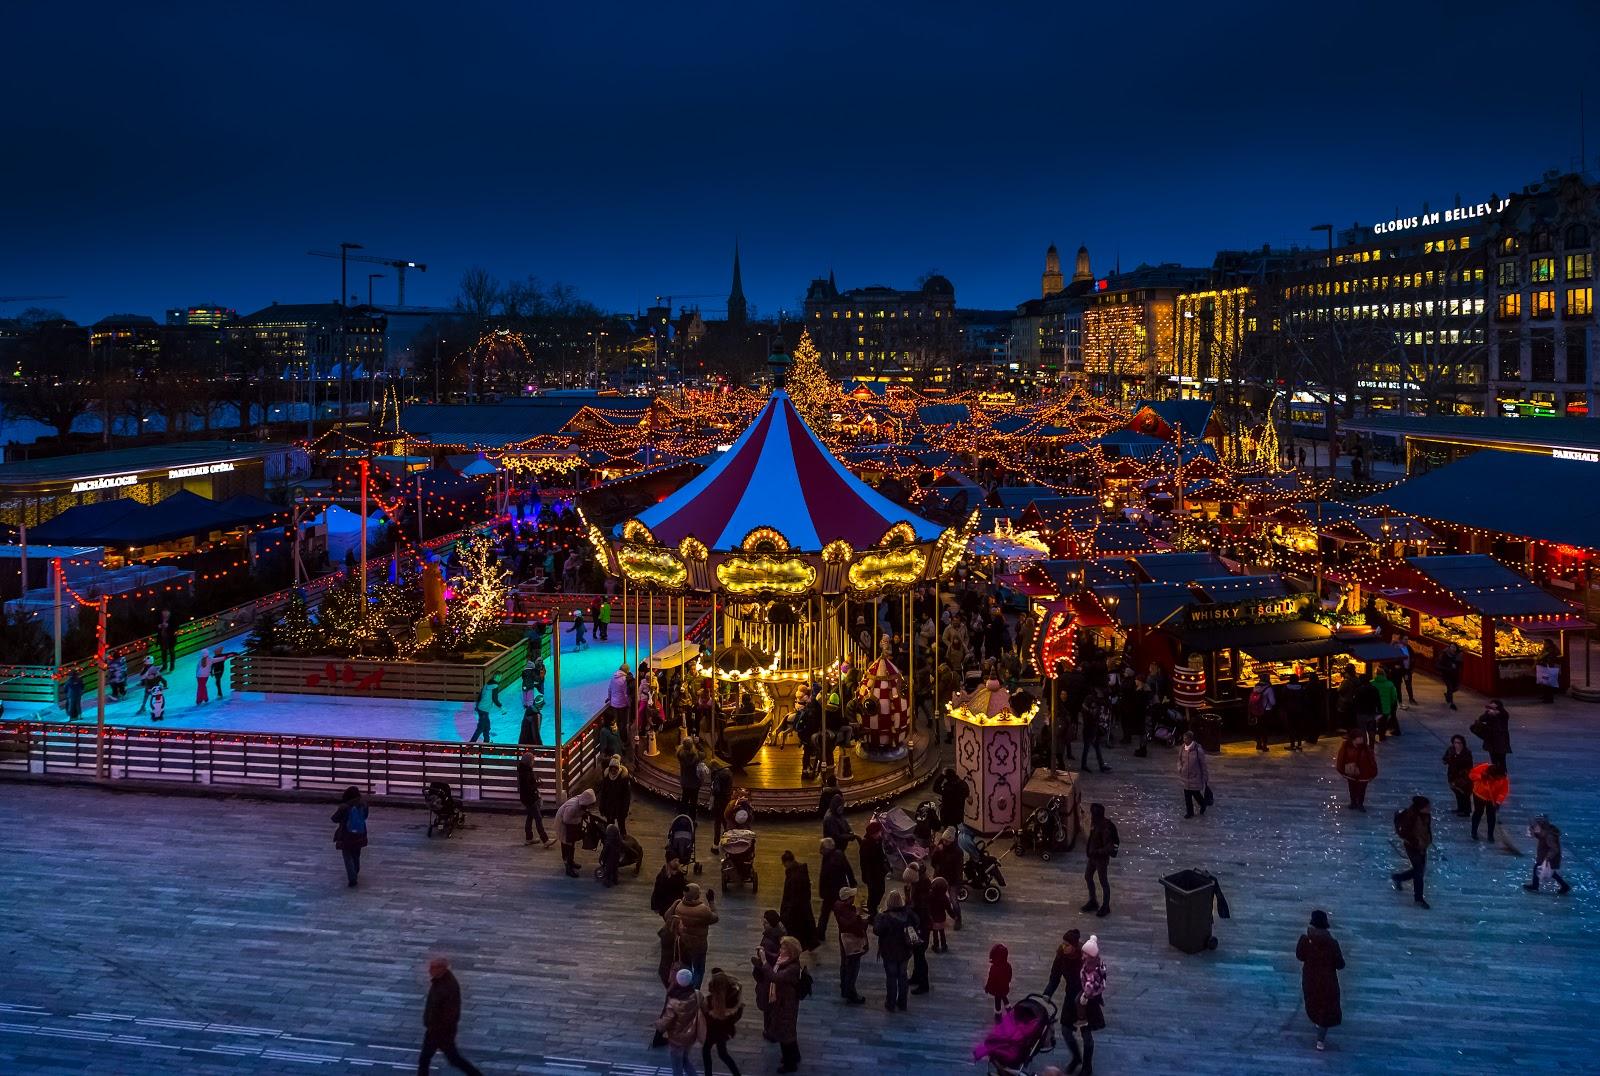 Weihnachtsmarkt Zürich.730 And More Travel Photography Weihnachtsmarkt In Zürich 2017